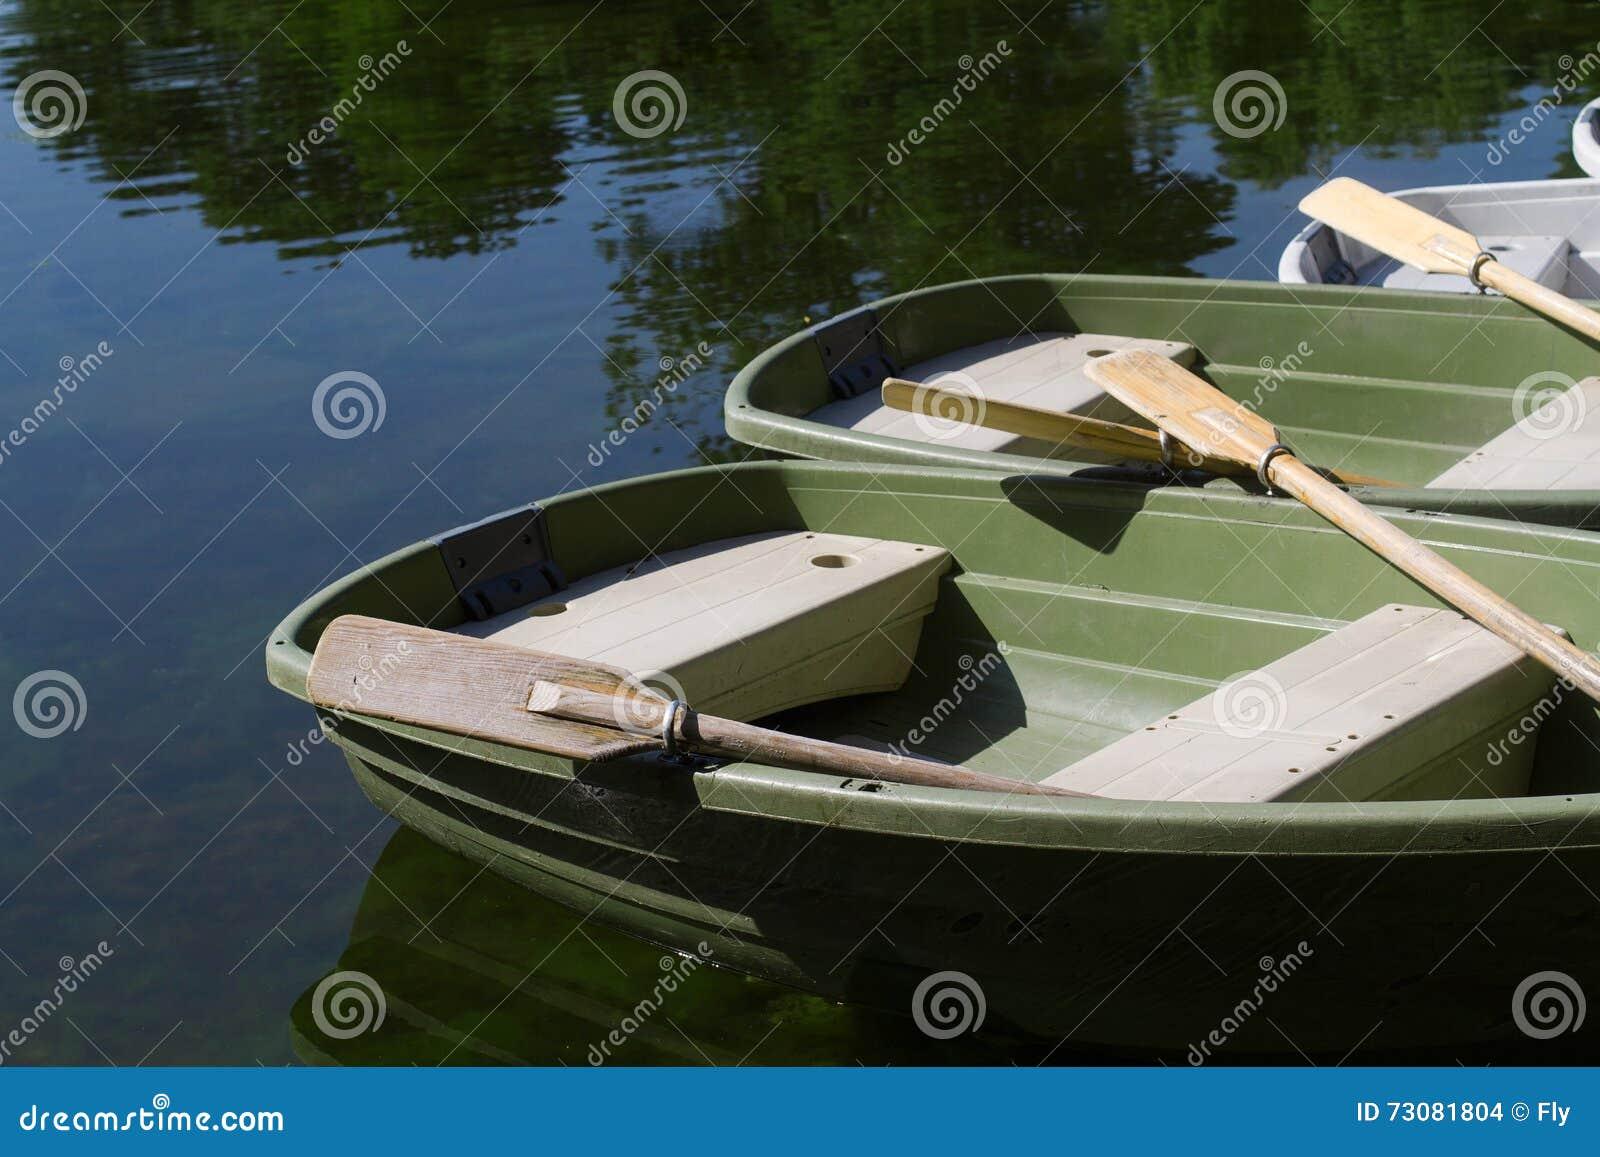 Βάρκα που σταθμεύουν στην ακτή μιας λίμνης με τα κουπιά τους επάνω